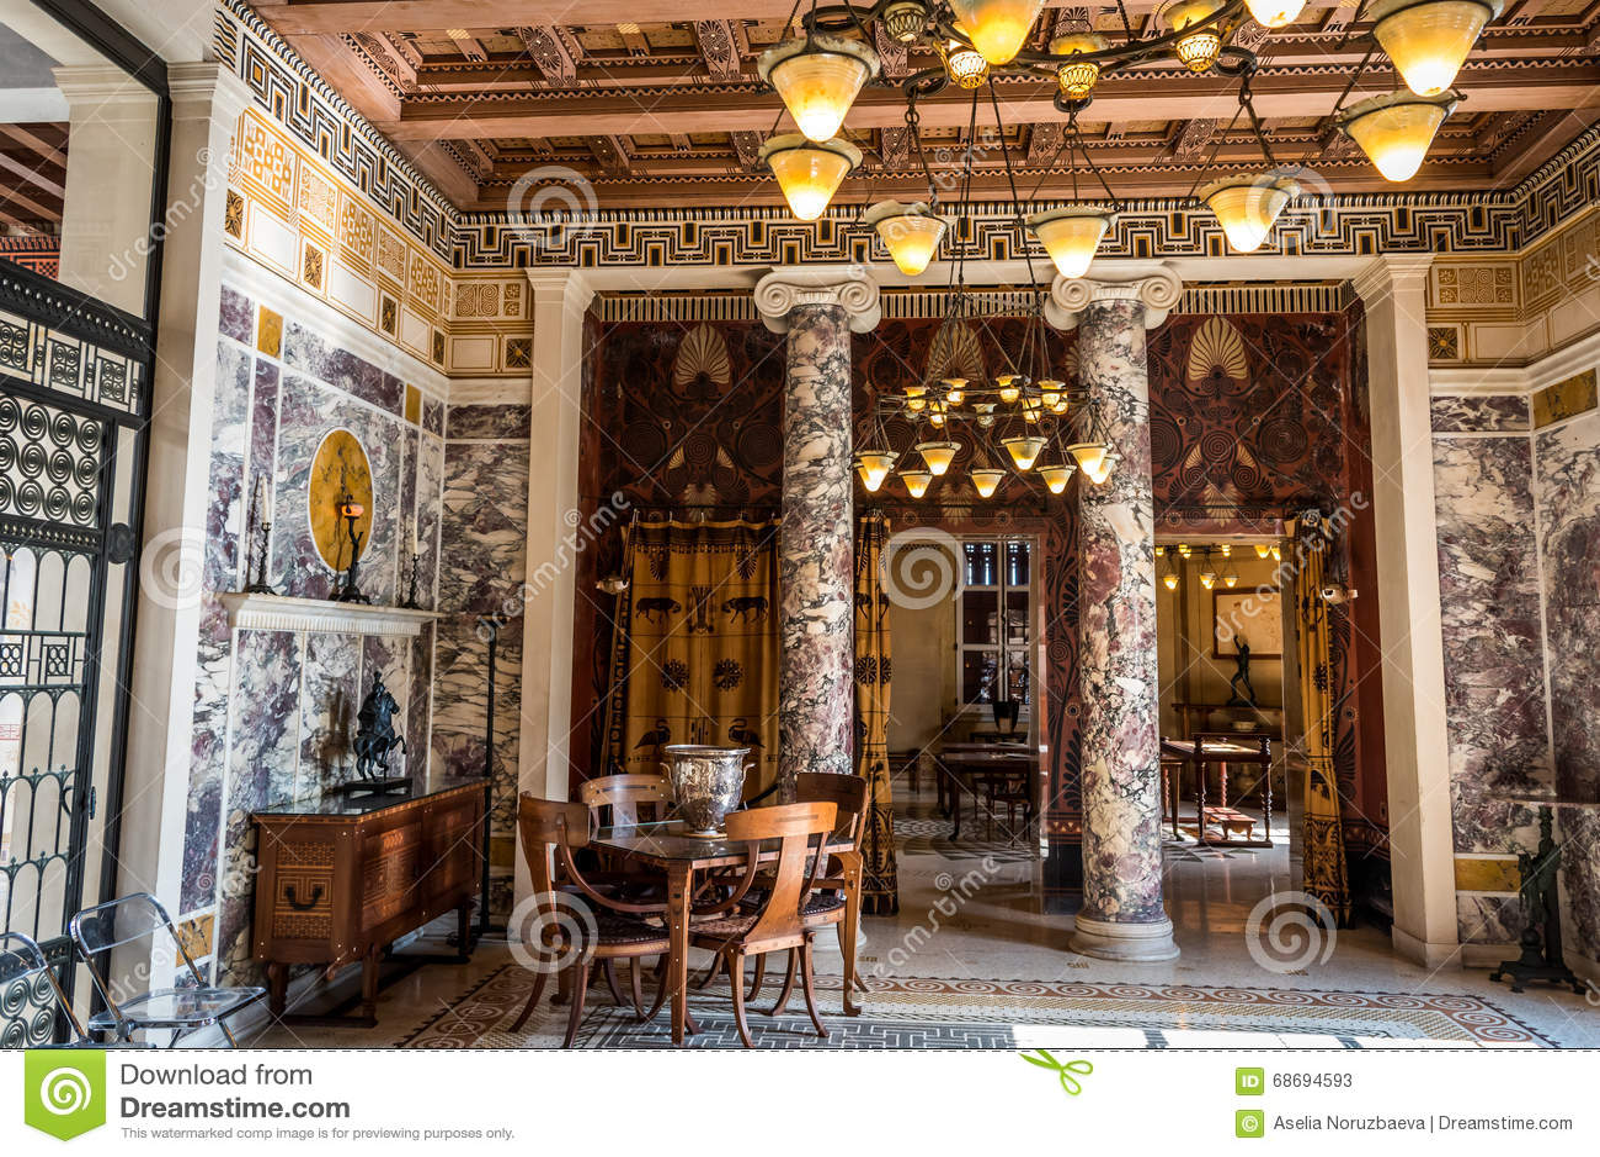 museo grecia villa kerylos interno immagine stock immagine di modello colon 68694593. Black Bedroom Furniture Sets. Home Design Ideas